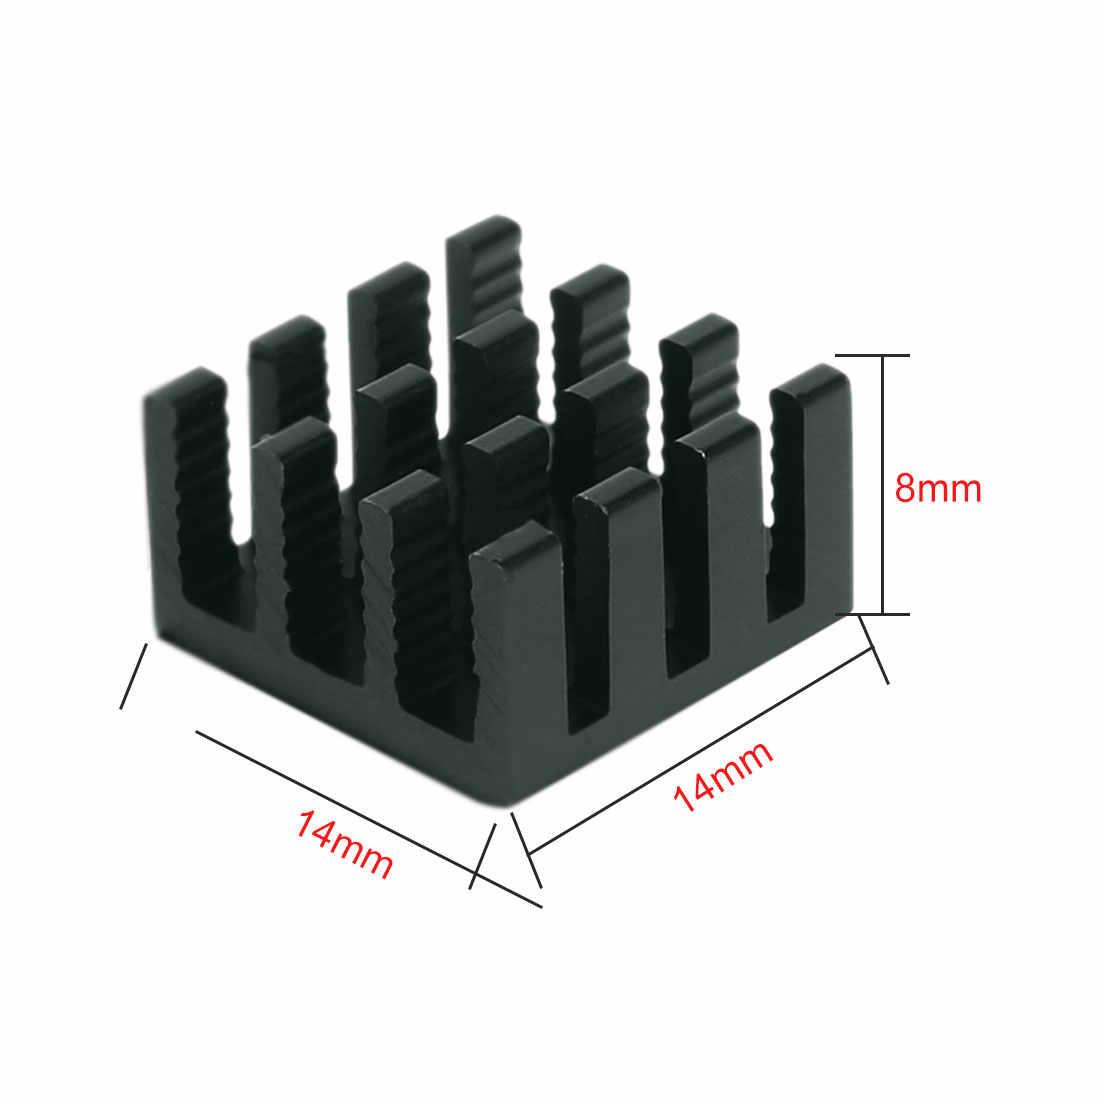 10 Chiếc Máy Tính Mát Tản Nhiệt Tản Nhiệt Nhôm Tản Nhiệt Cho Điện Tử Tản Nhiệt Làm Mát Miếng Lót 14*14*8 Mm